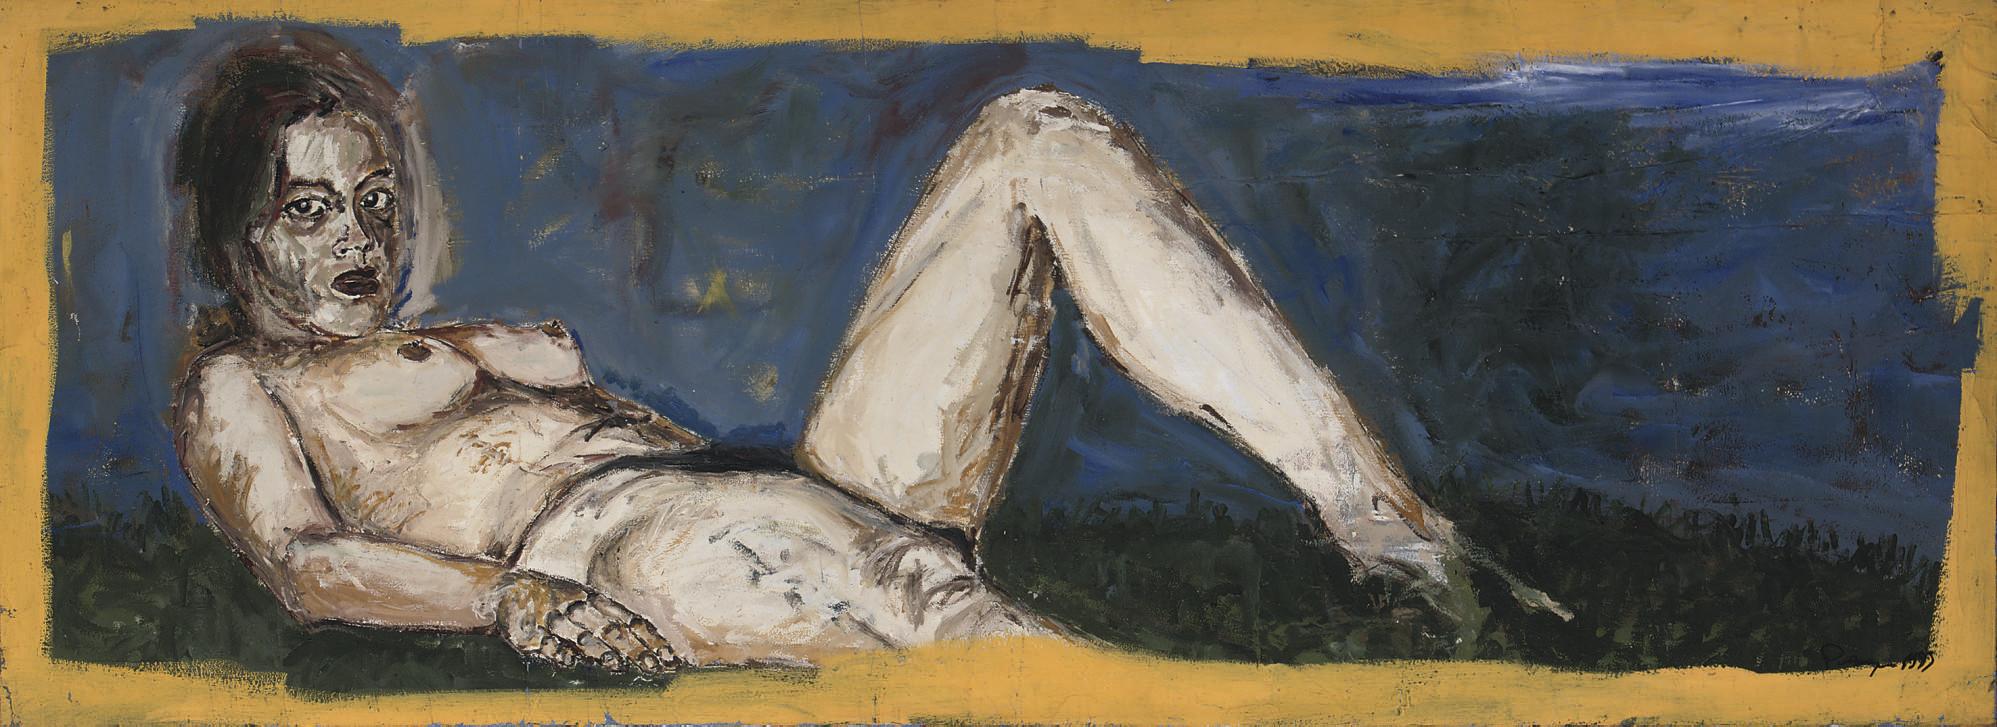 Femme allongé - Reclining nude